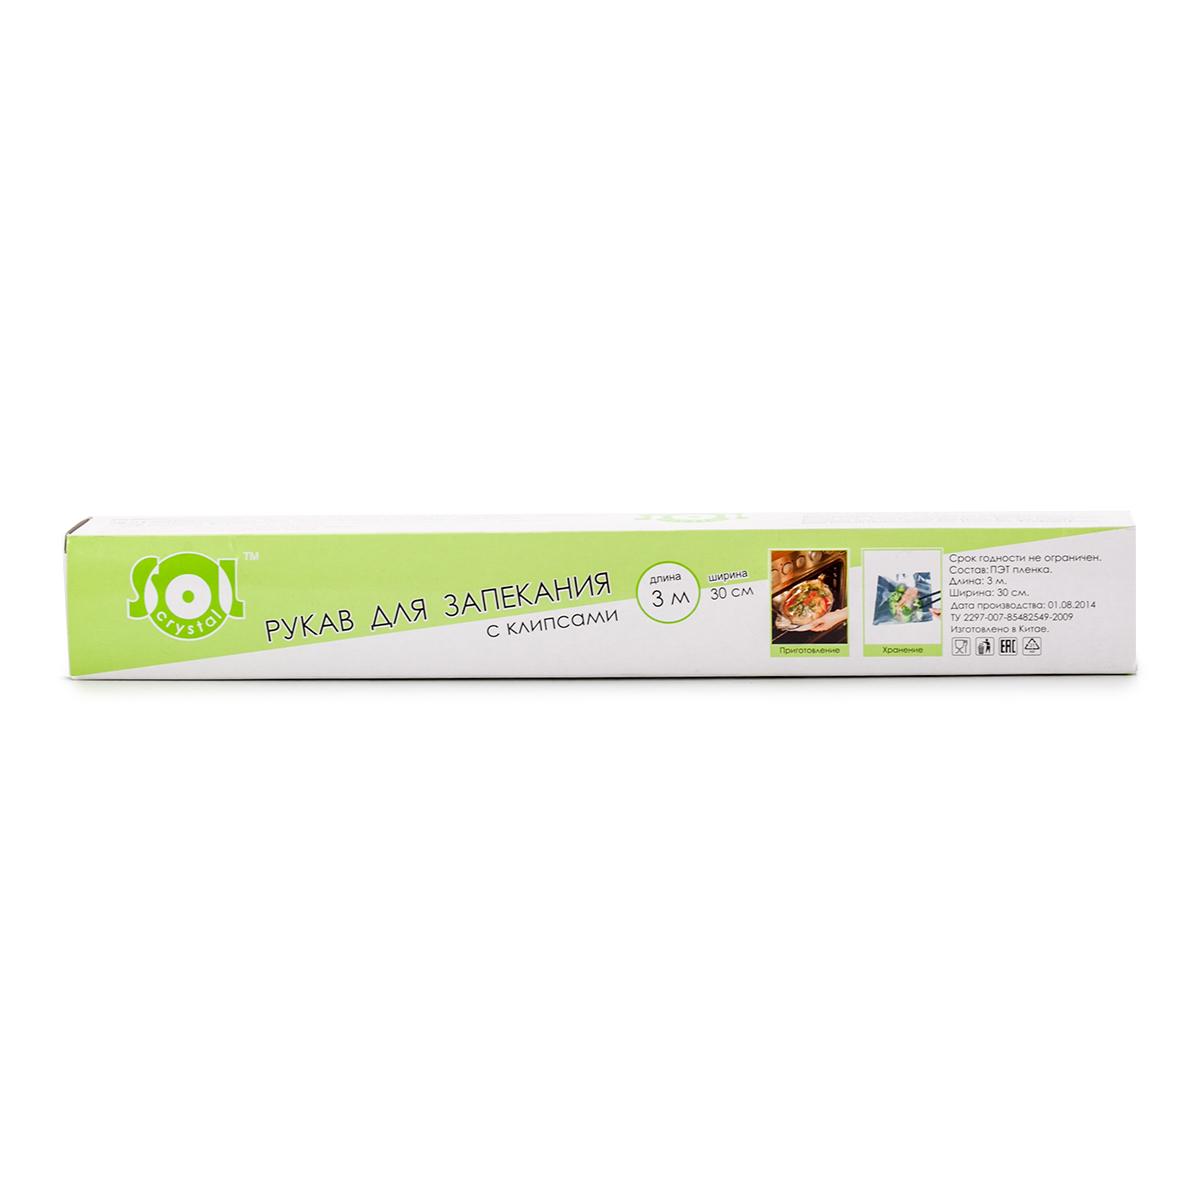 Рукав для запекания Sol Crystal, с клипсами, 3 м30001Универсальный рукав Sol Crystal, выполненный из нетоксичной ПЭТ-пленки, отлично подойдет для приготовления низкокалорийных блюд как в духовке, так и в микроволновой печи. После использования рукава, противень и духовой шкаф остаются чистыми. При приготовлении в продуктах сохраняются витамины и микроэлементы. Возможно приготовление без добавления жиров.Не использовать при температуре выше 200 градусов.Длина: 3 м.Ширина: 30 см.